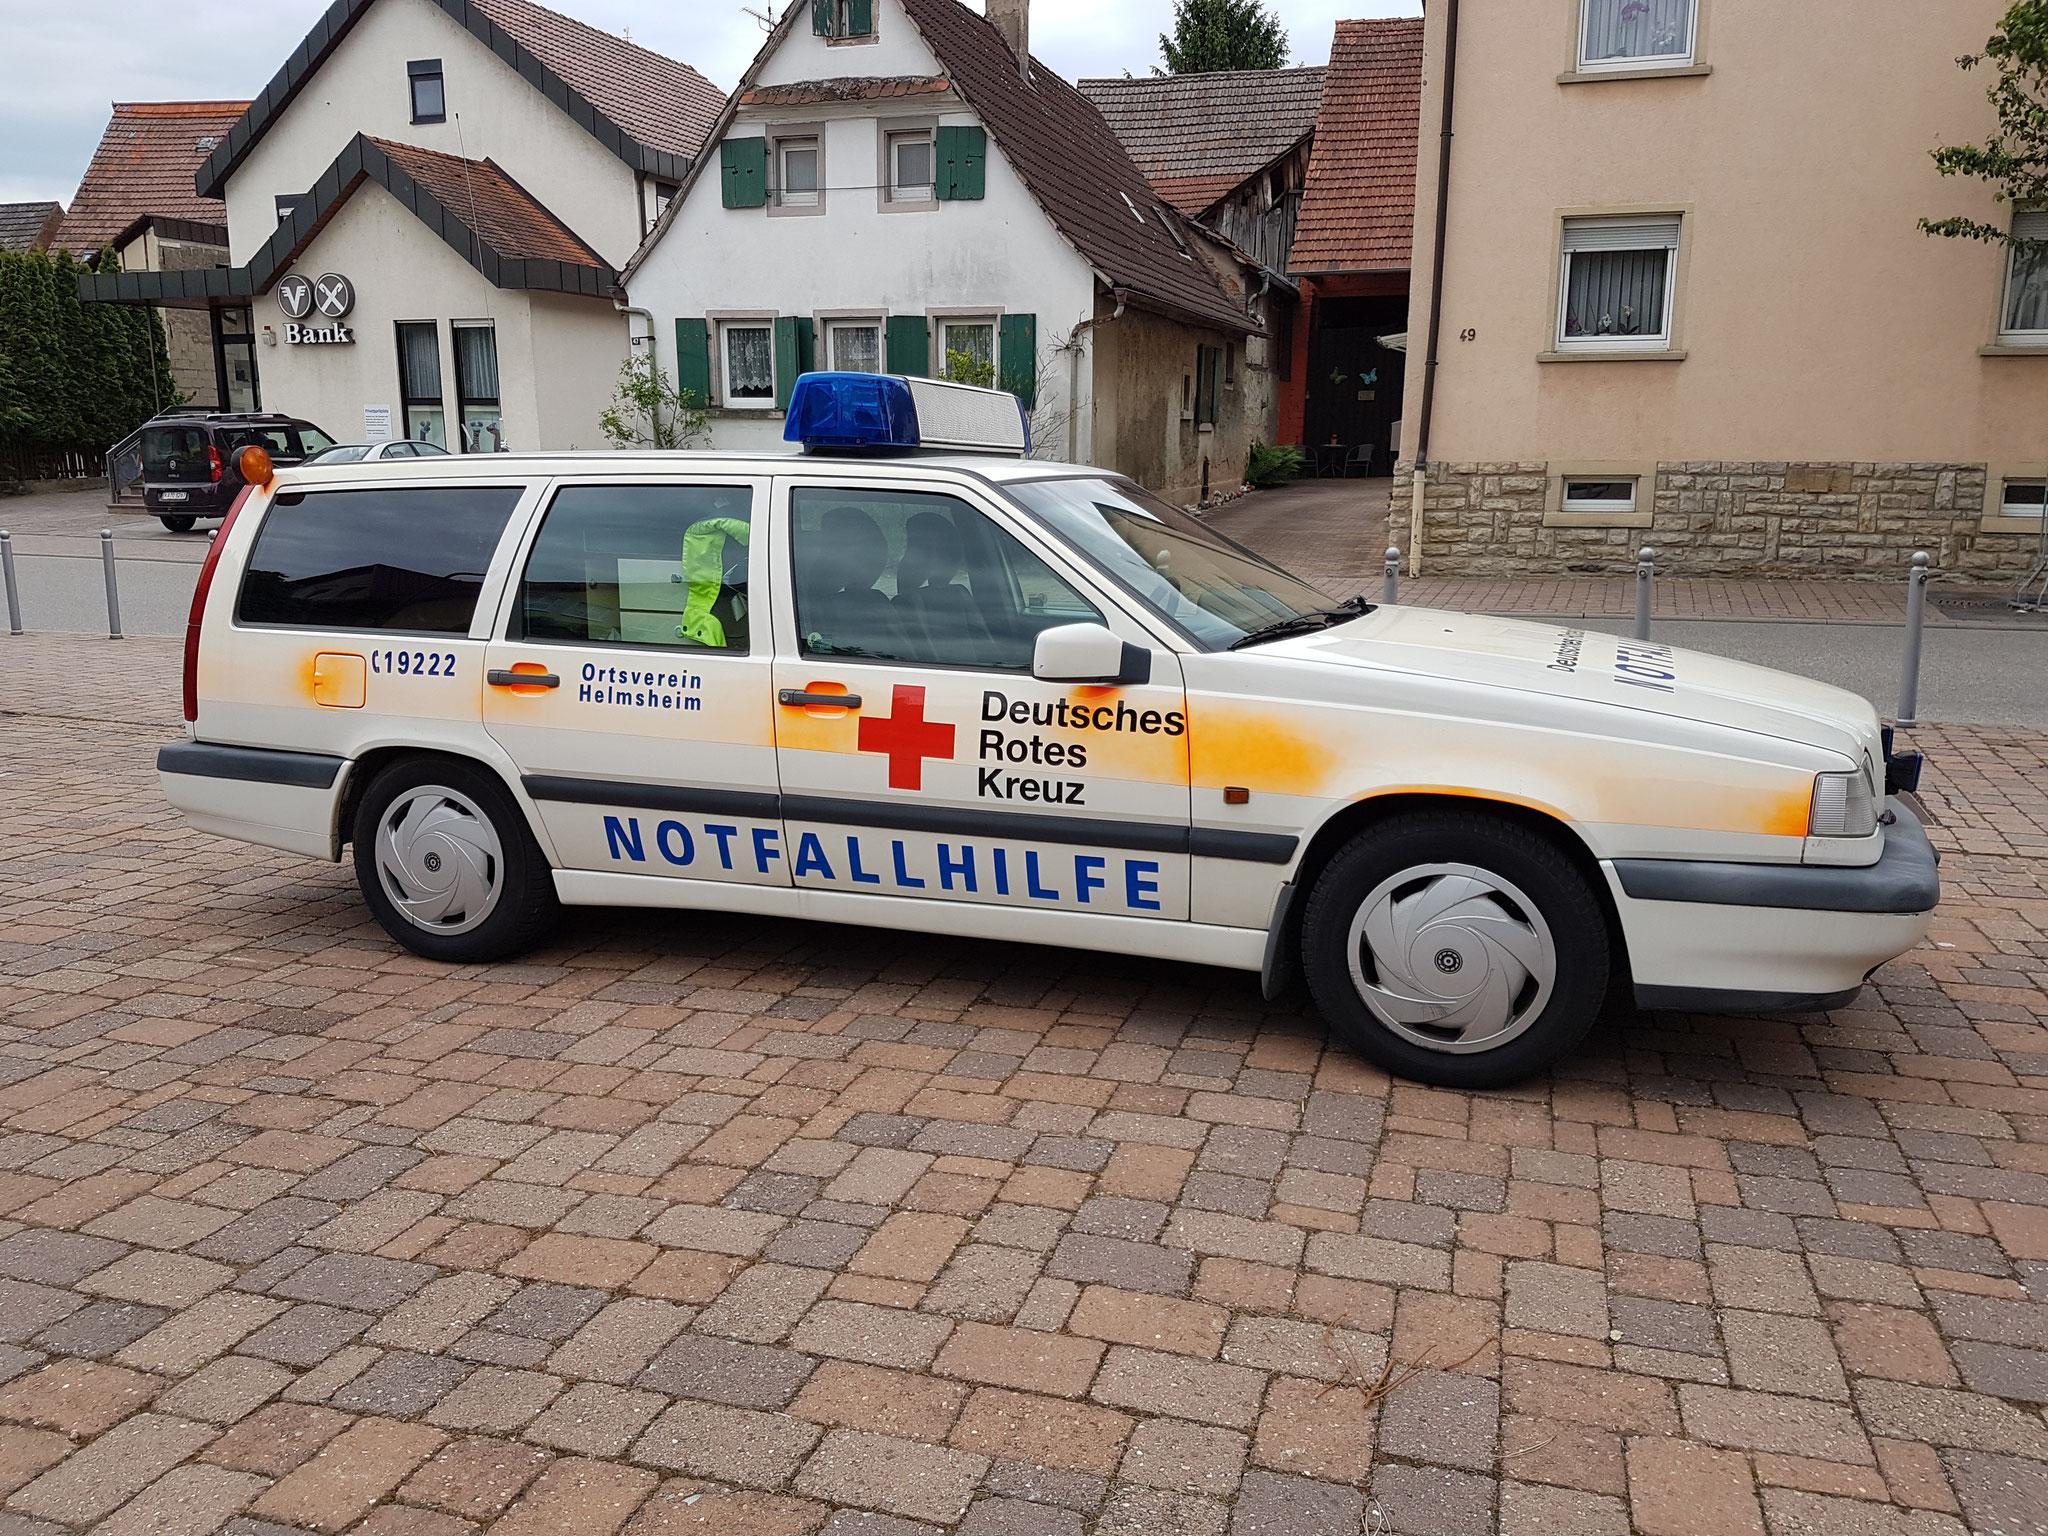 das Notfallhilfeauto ist in die Jahre gekommen